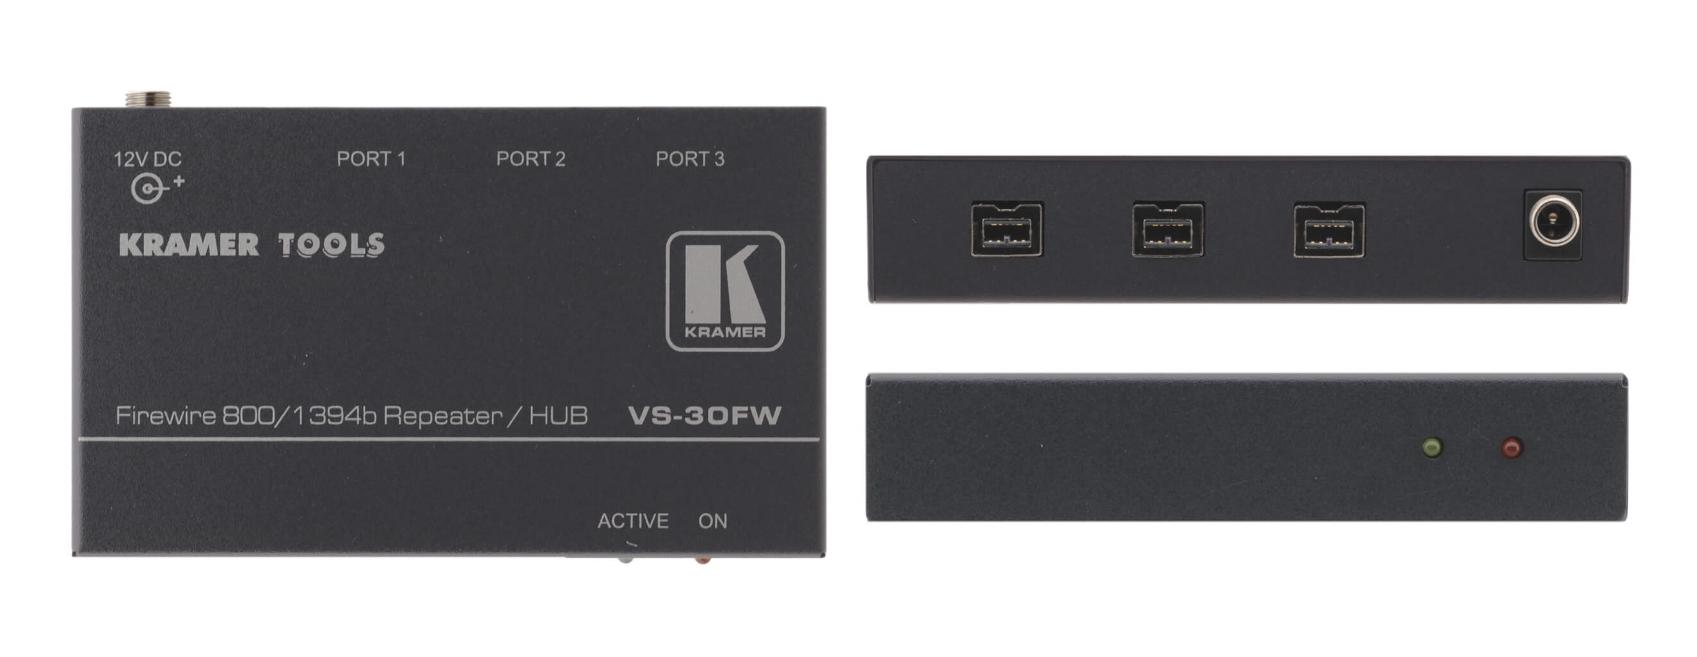 3-Port FireWire 800 Repeater/Hub